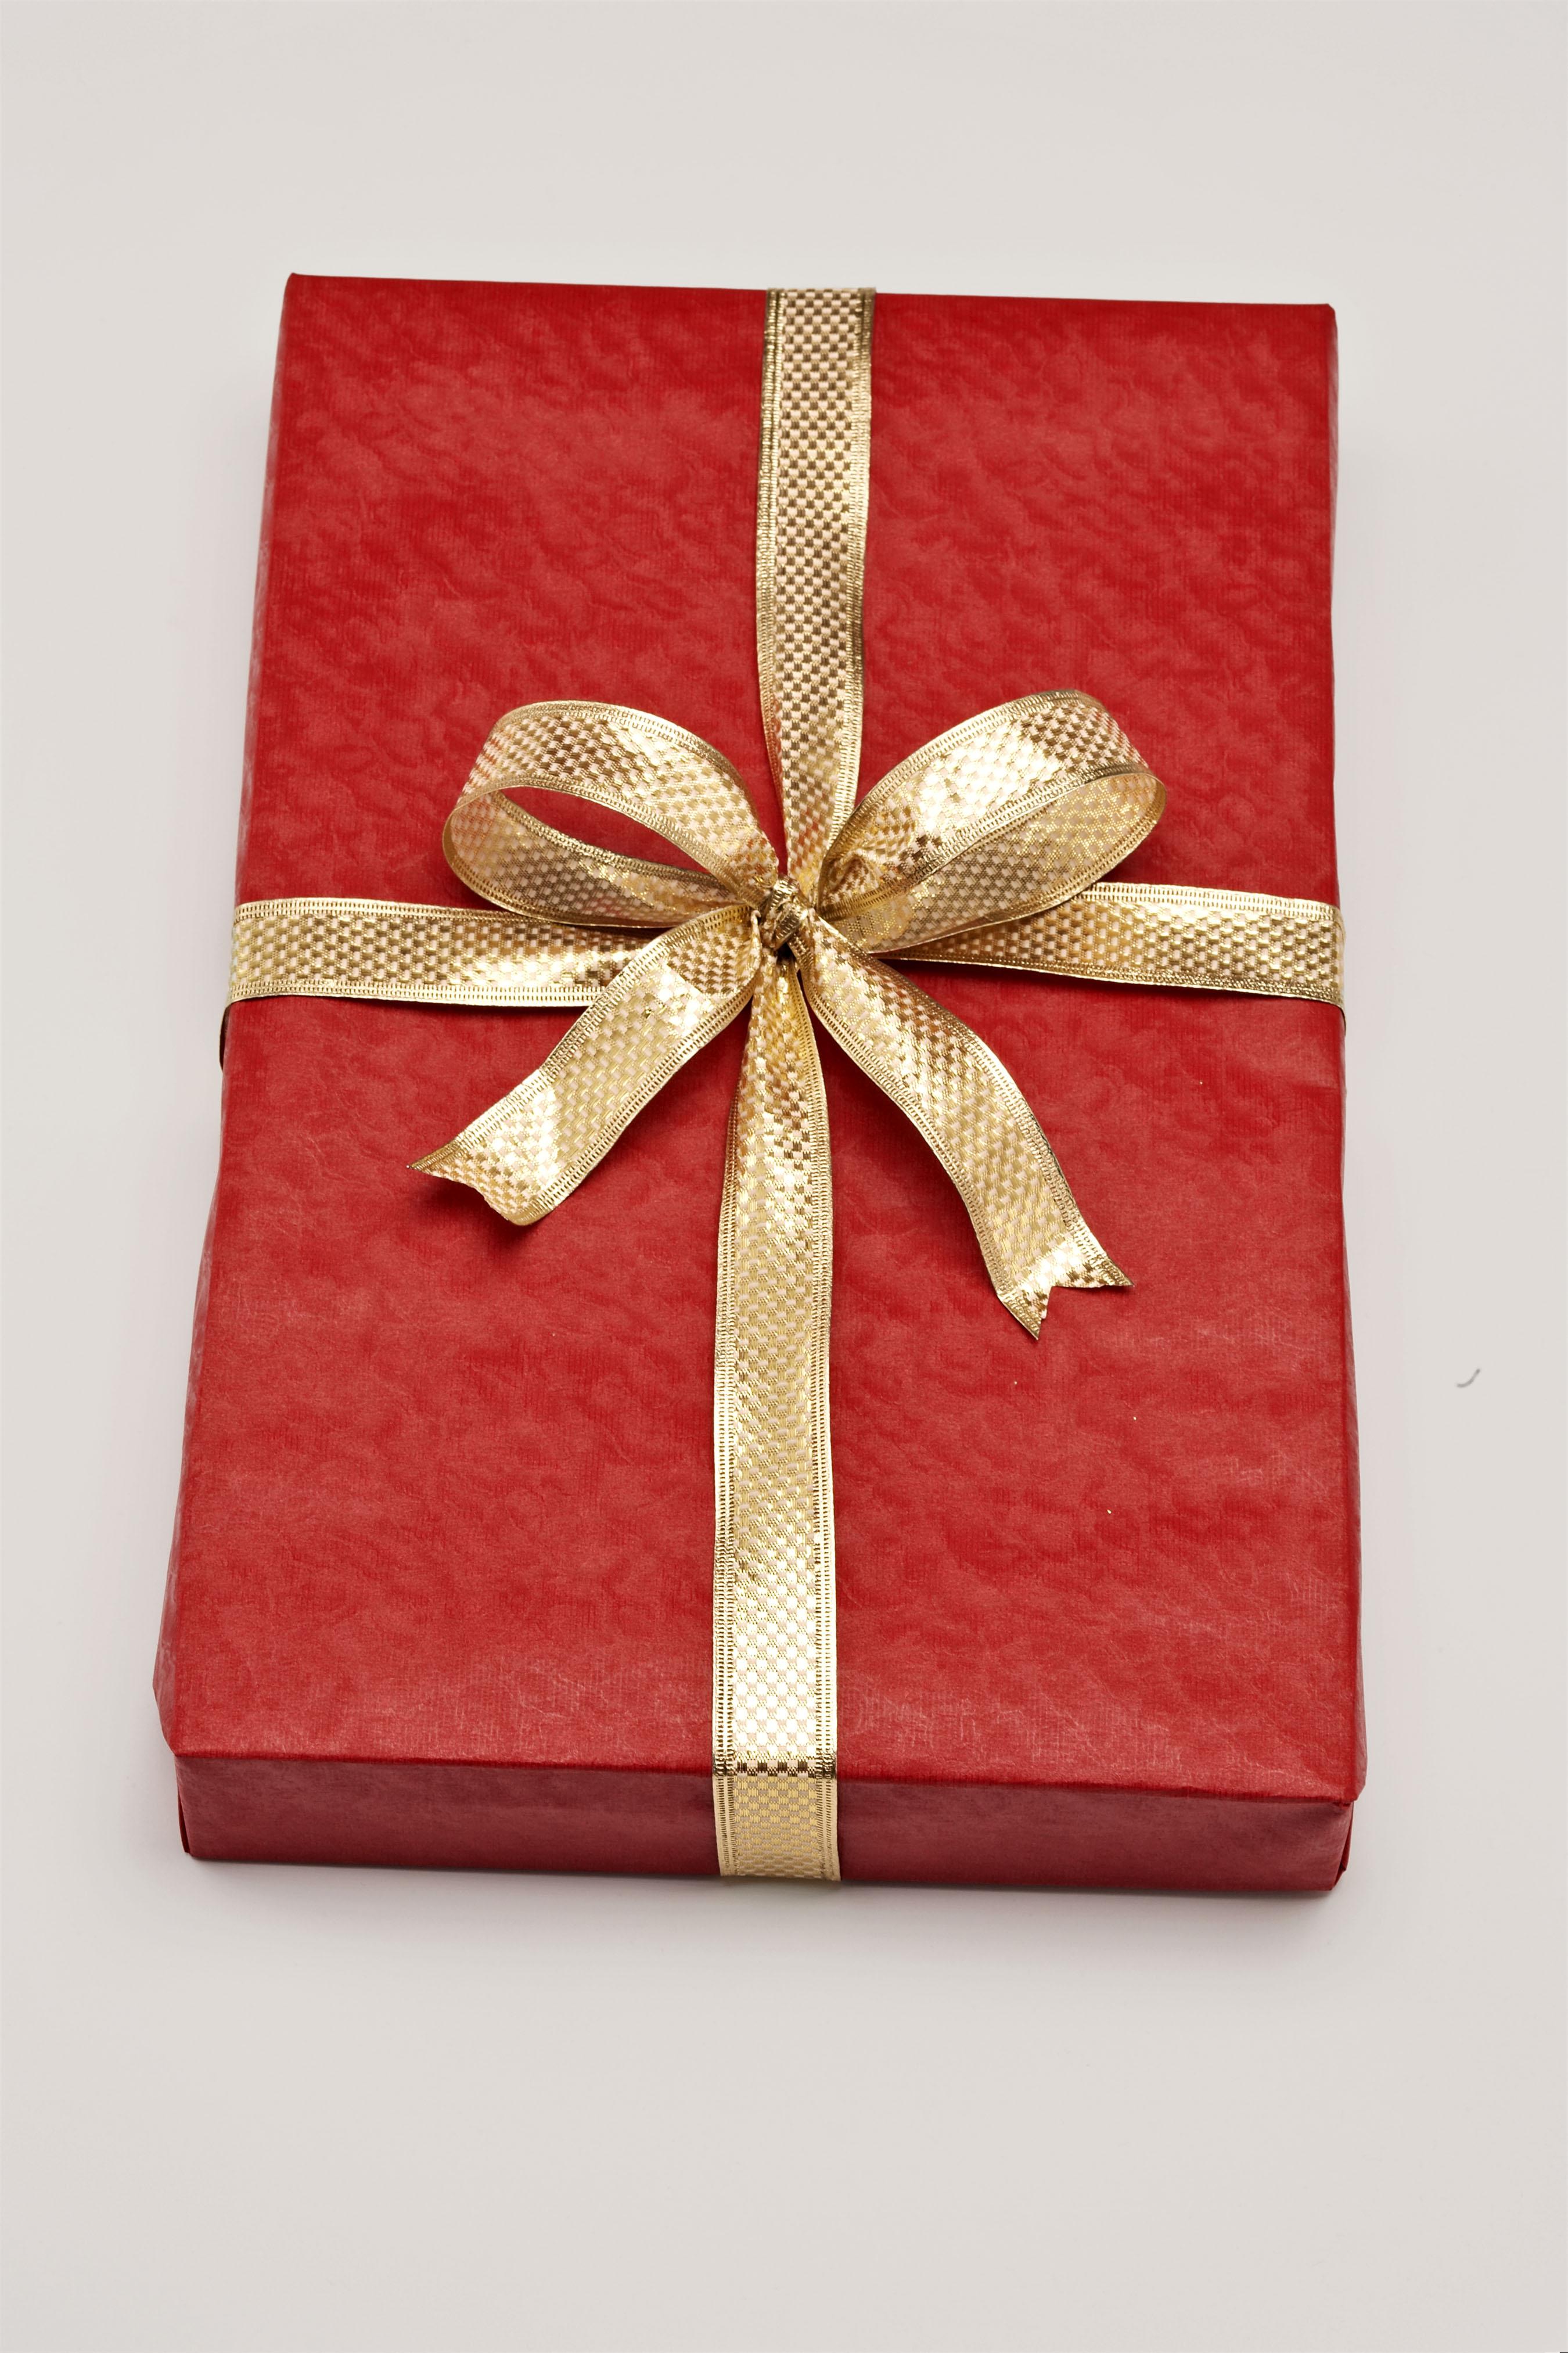 Как правильно упаковать подарок в оберточную бумагу